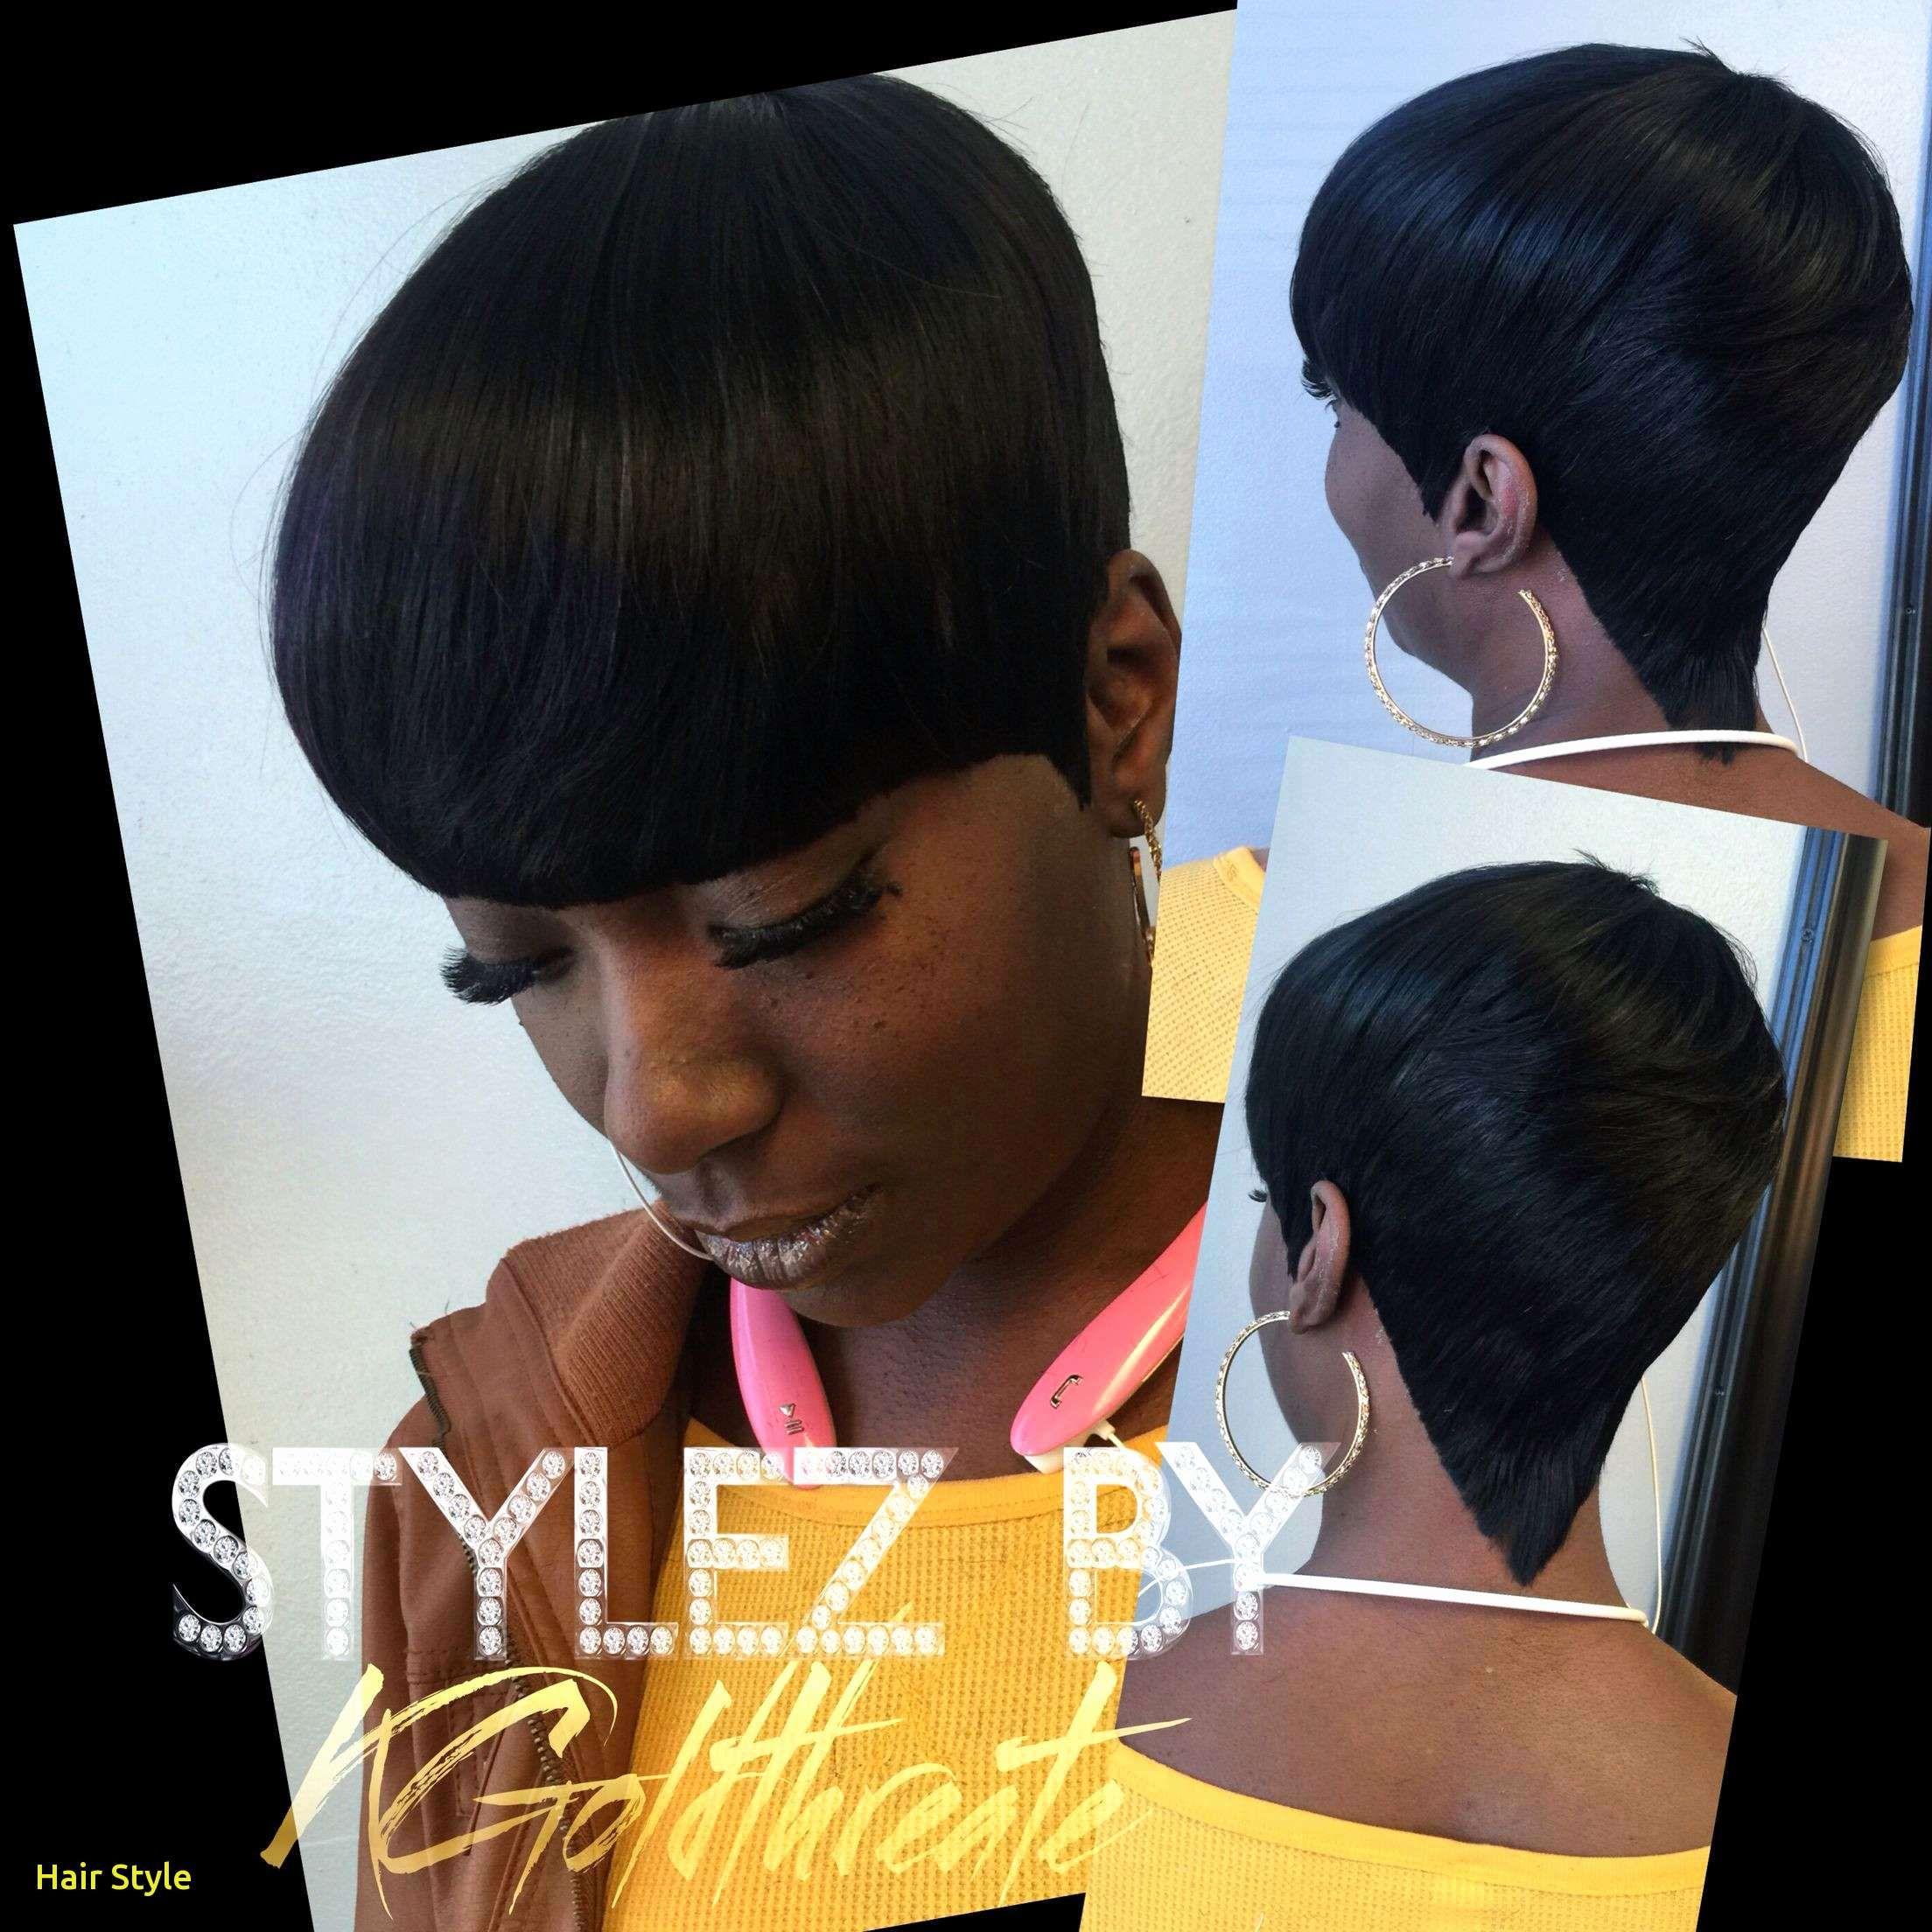 New Haircut 2019 Frauen Haare Trends 2019 Pinterest Hair